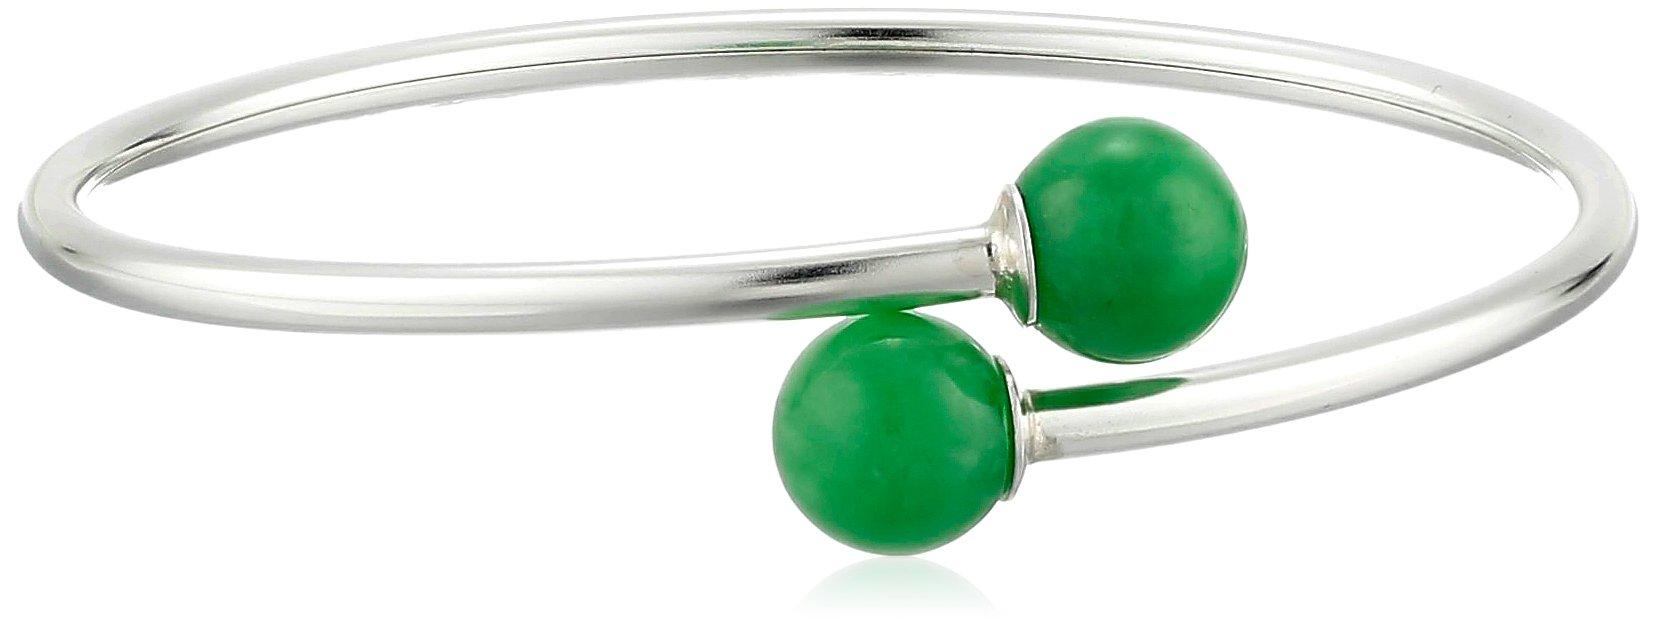 Sterling Silver 10mm Onyx   Jade Flex Wrap Bracelet